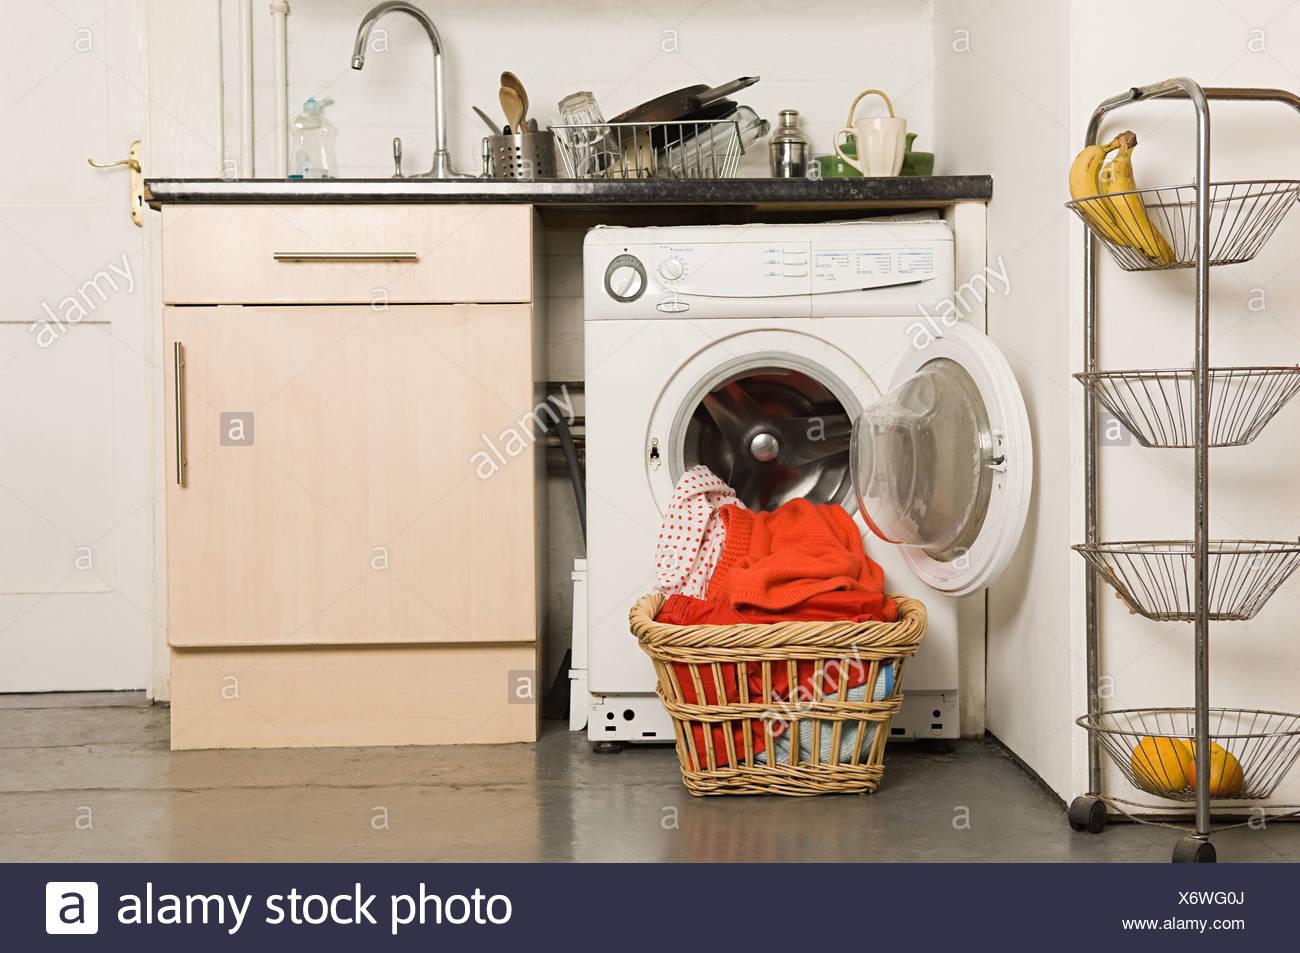 Waschmaschine in der Küche Stockfoto, Bild: 279615186 - Alamy